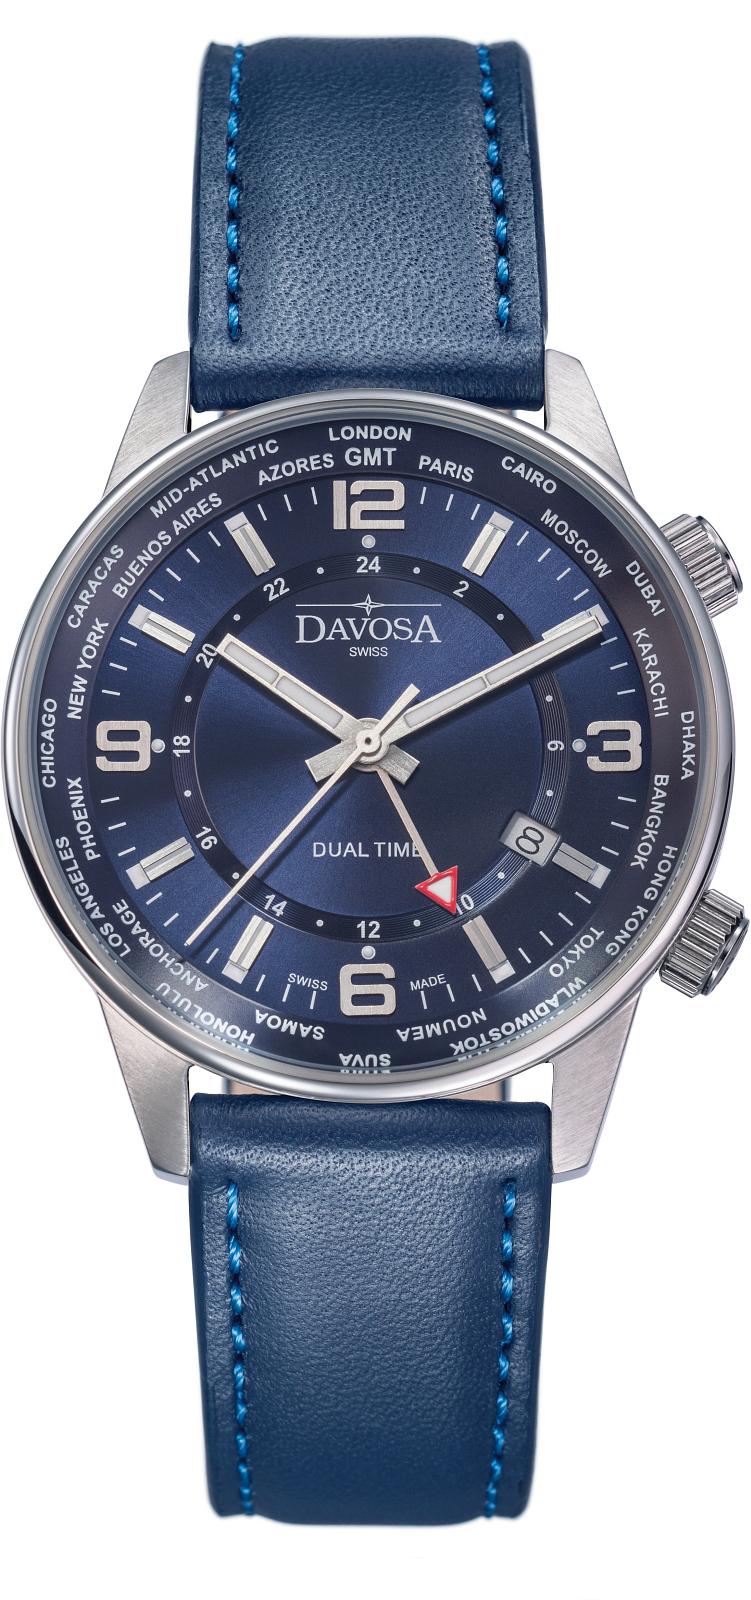 zegarek-meski-davosa-vireo-dual-time-162-492-45-2